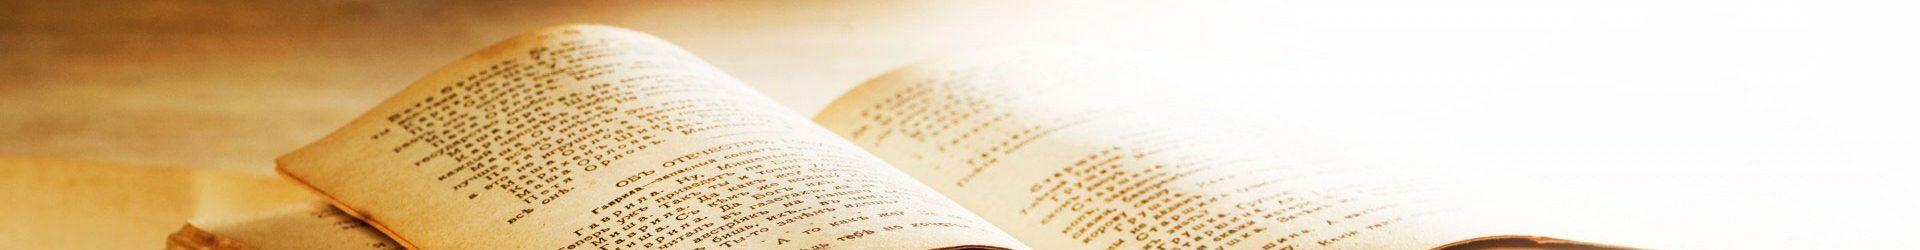 Книги достойные прочтения